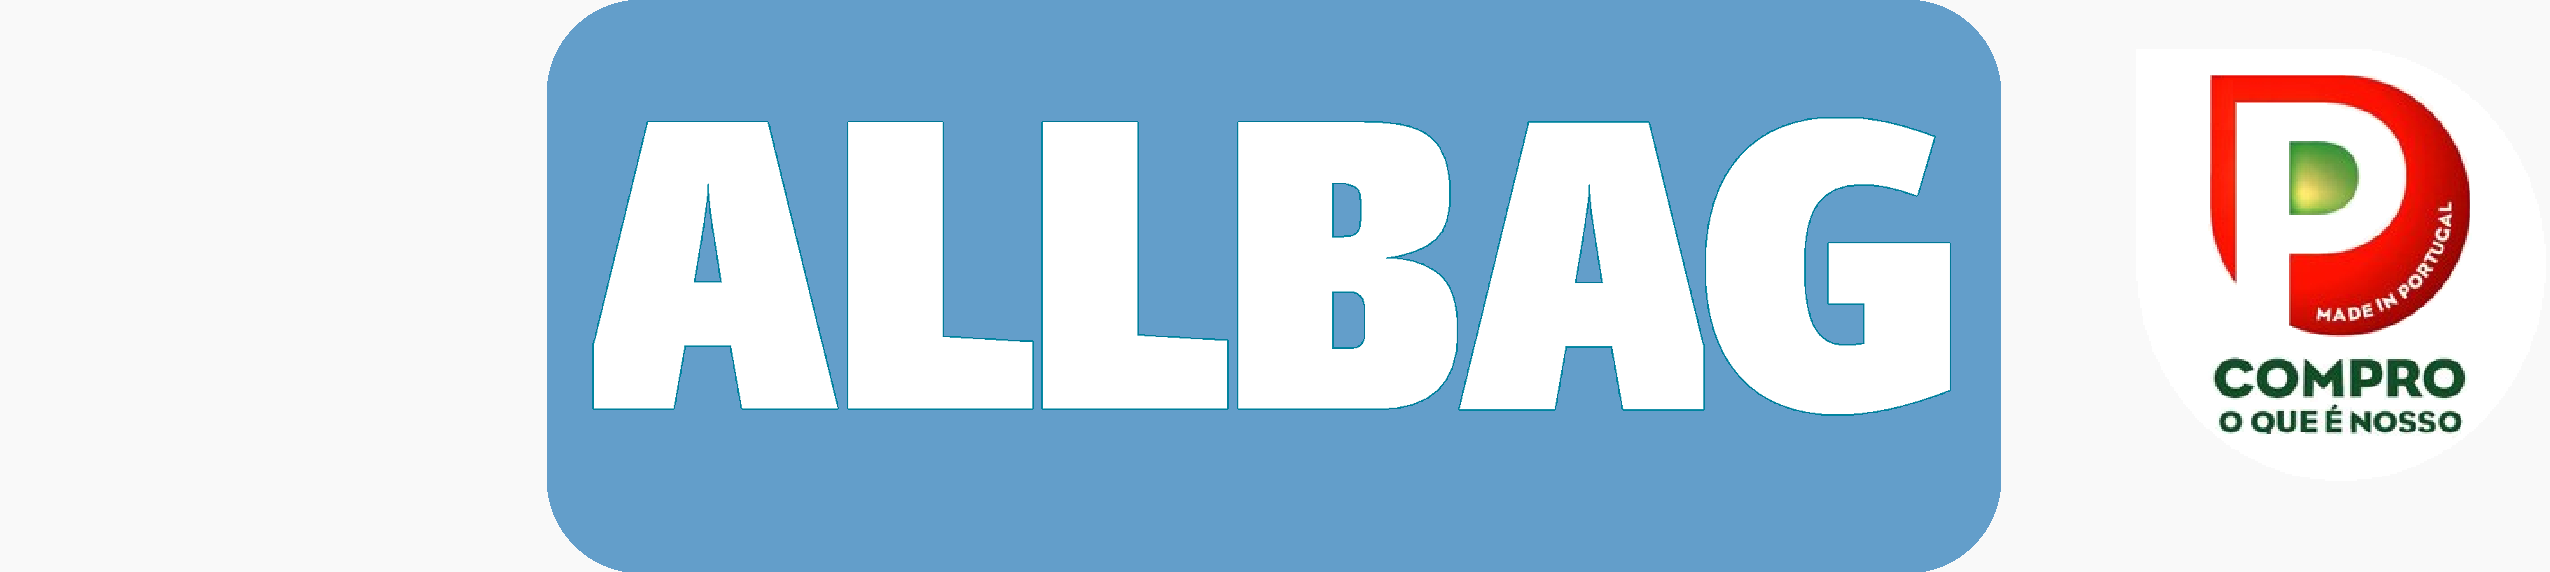 ALLBAG - Loja online de sacos plásticos